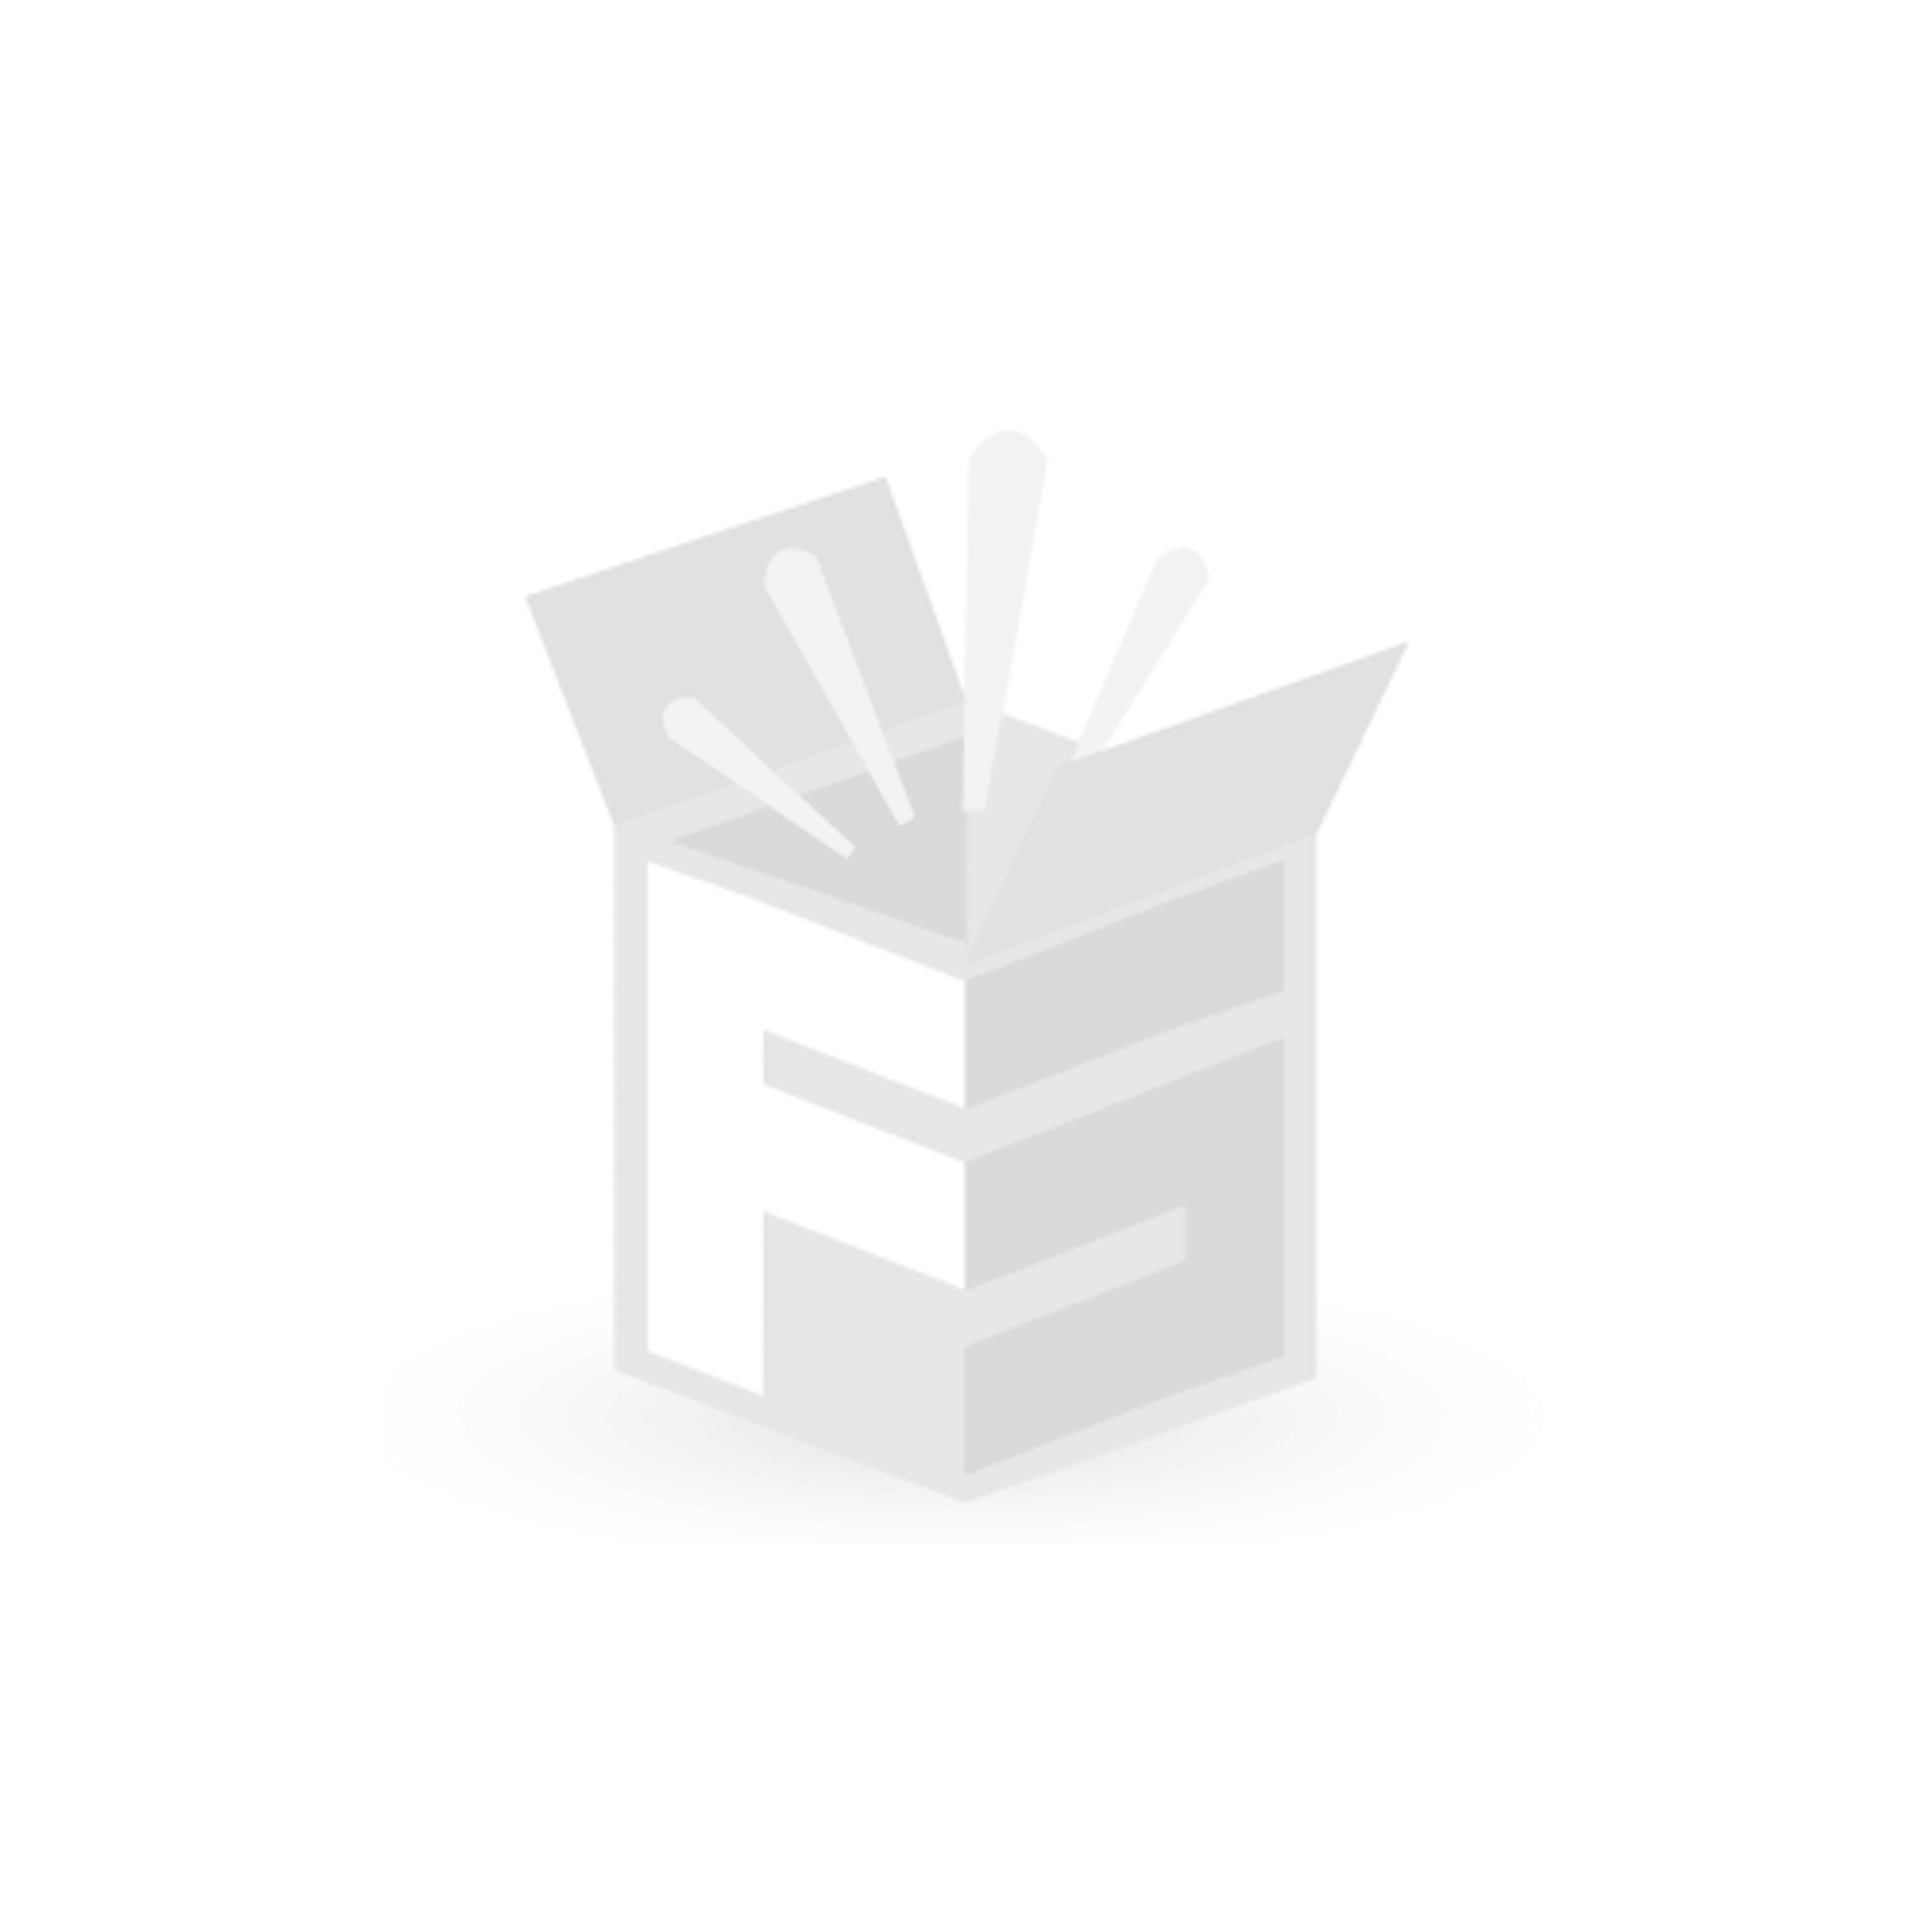 FS-STAR Distributeur de ruban incl. 1 ruban de remplacement